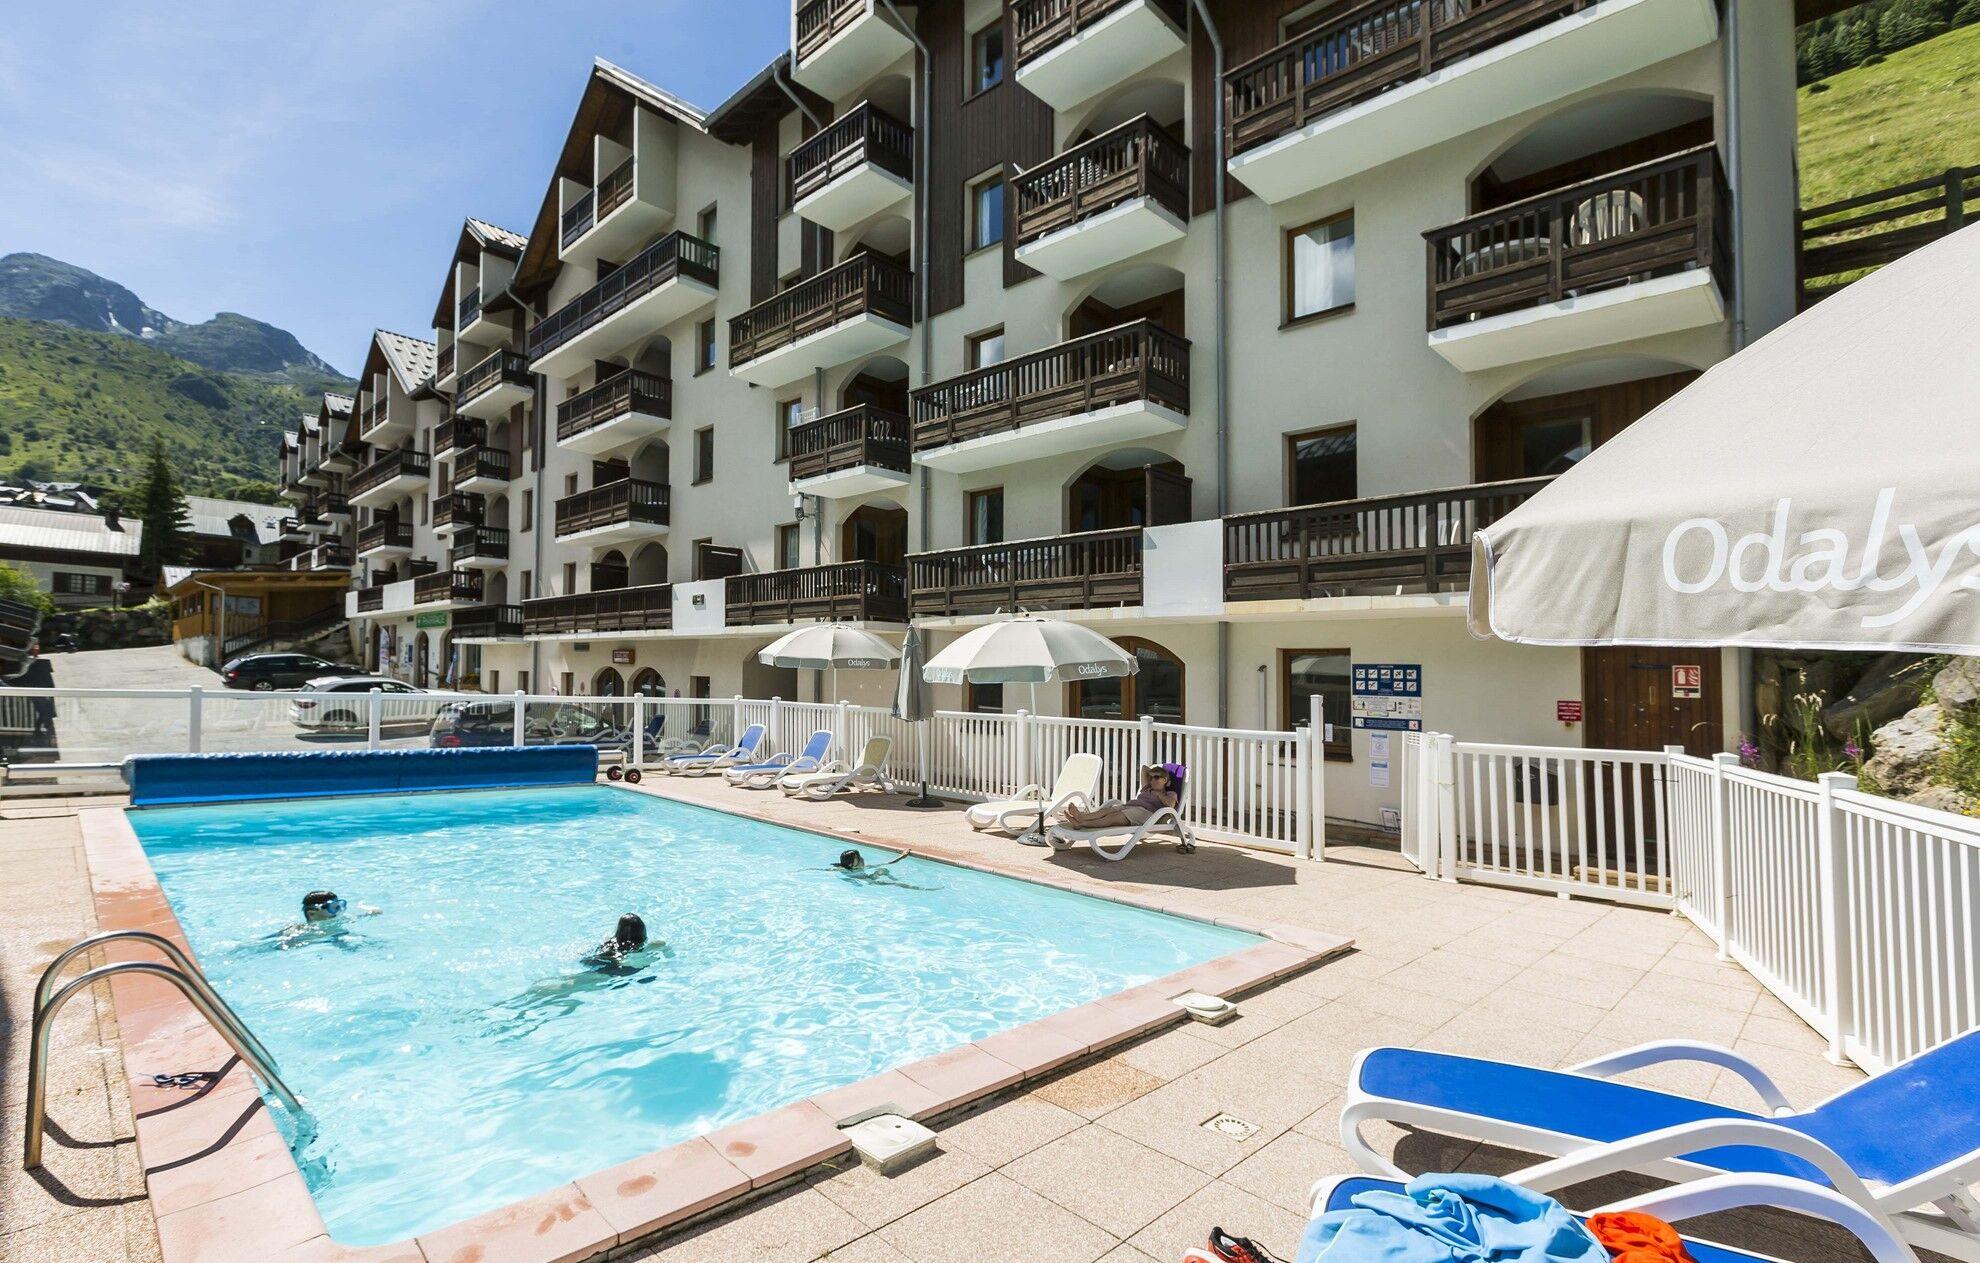 SAINT SORLIN D'ARVES Odalys Vacances ski